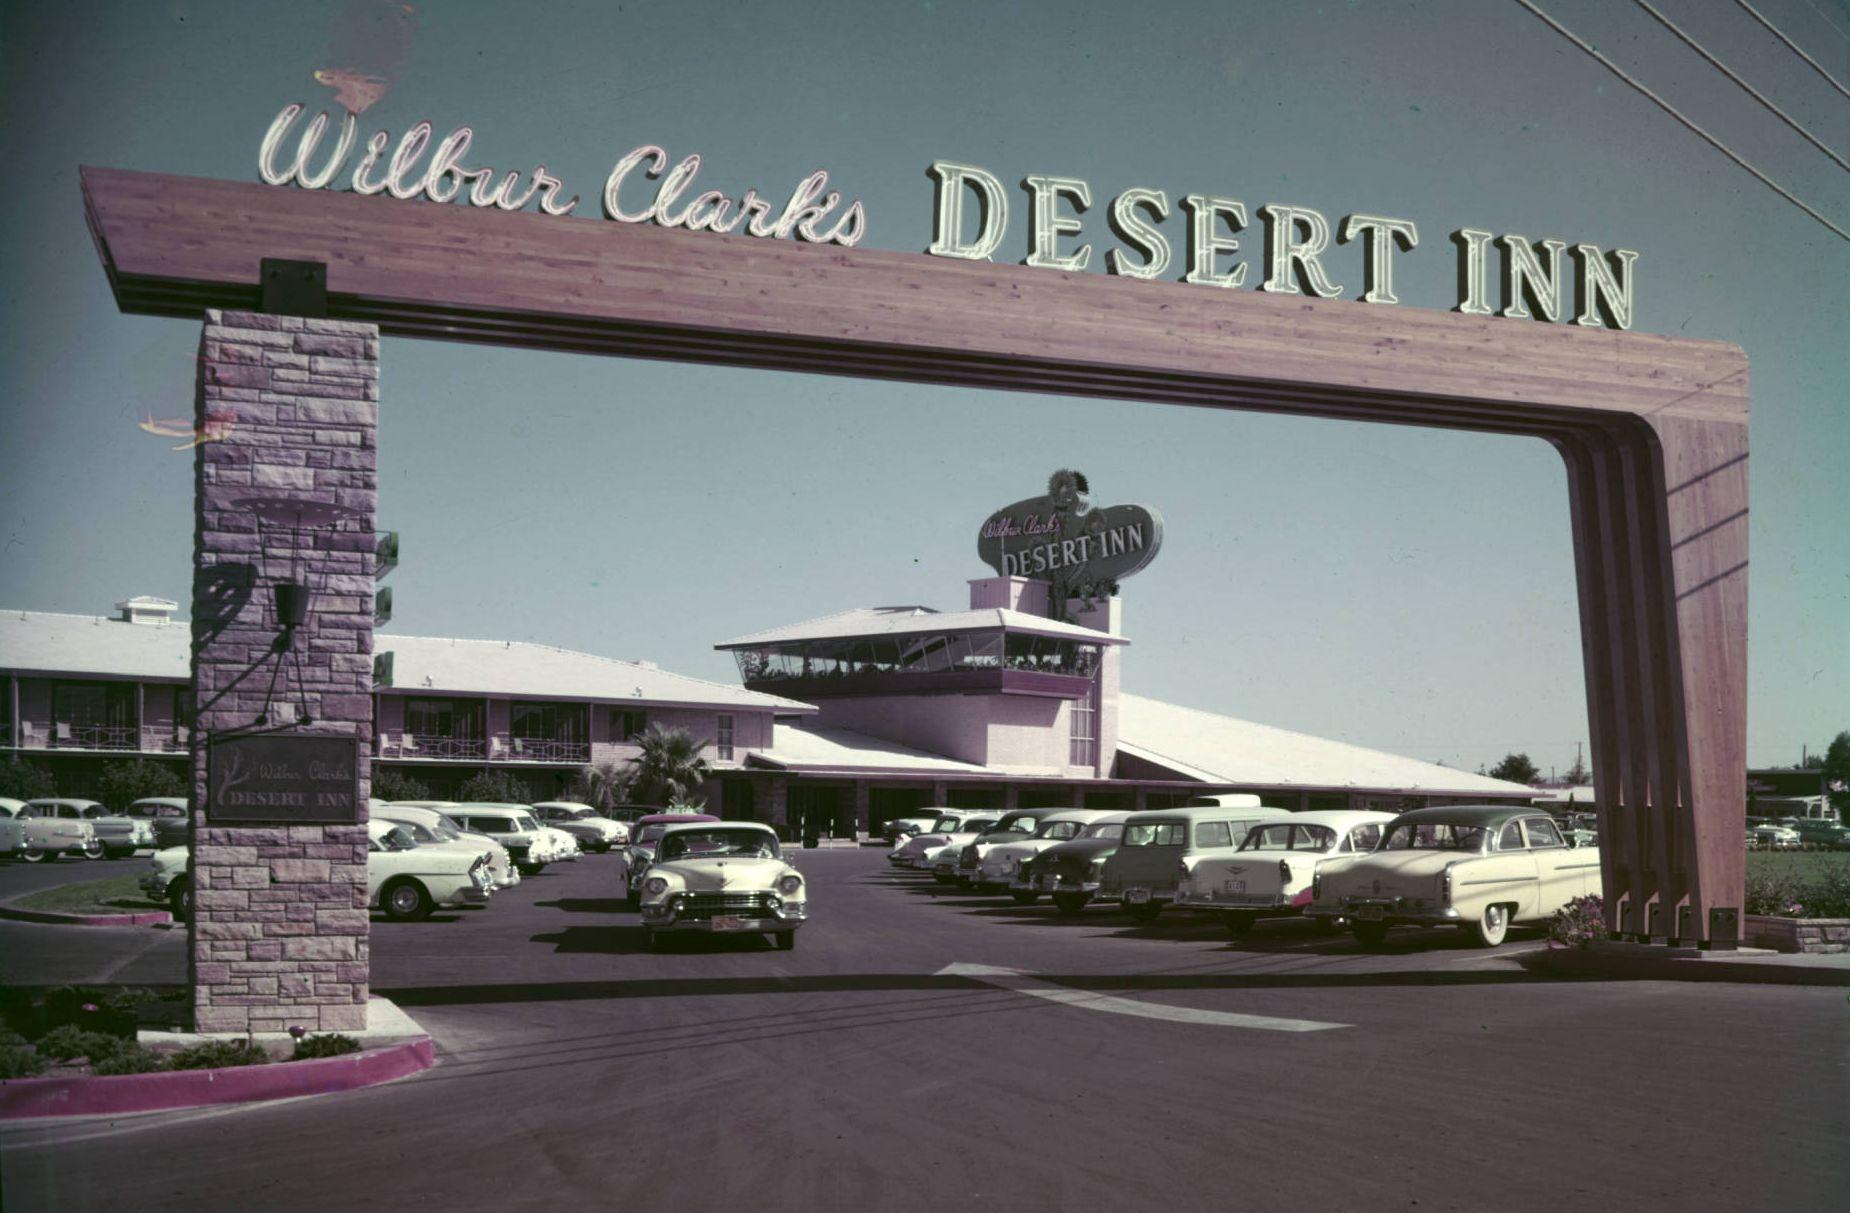 wilbur-clarks-desert-inn